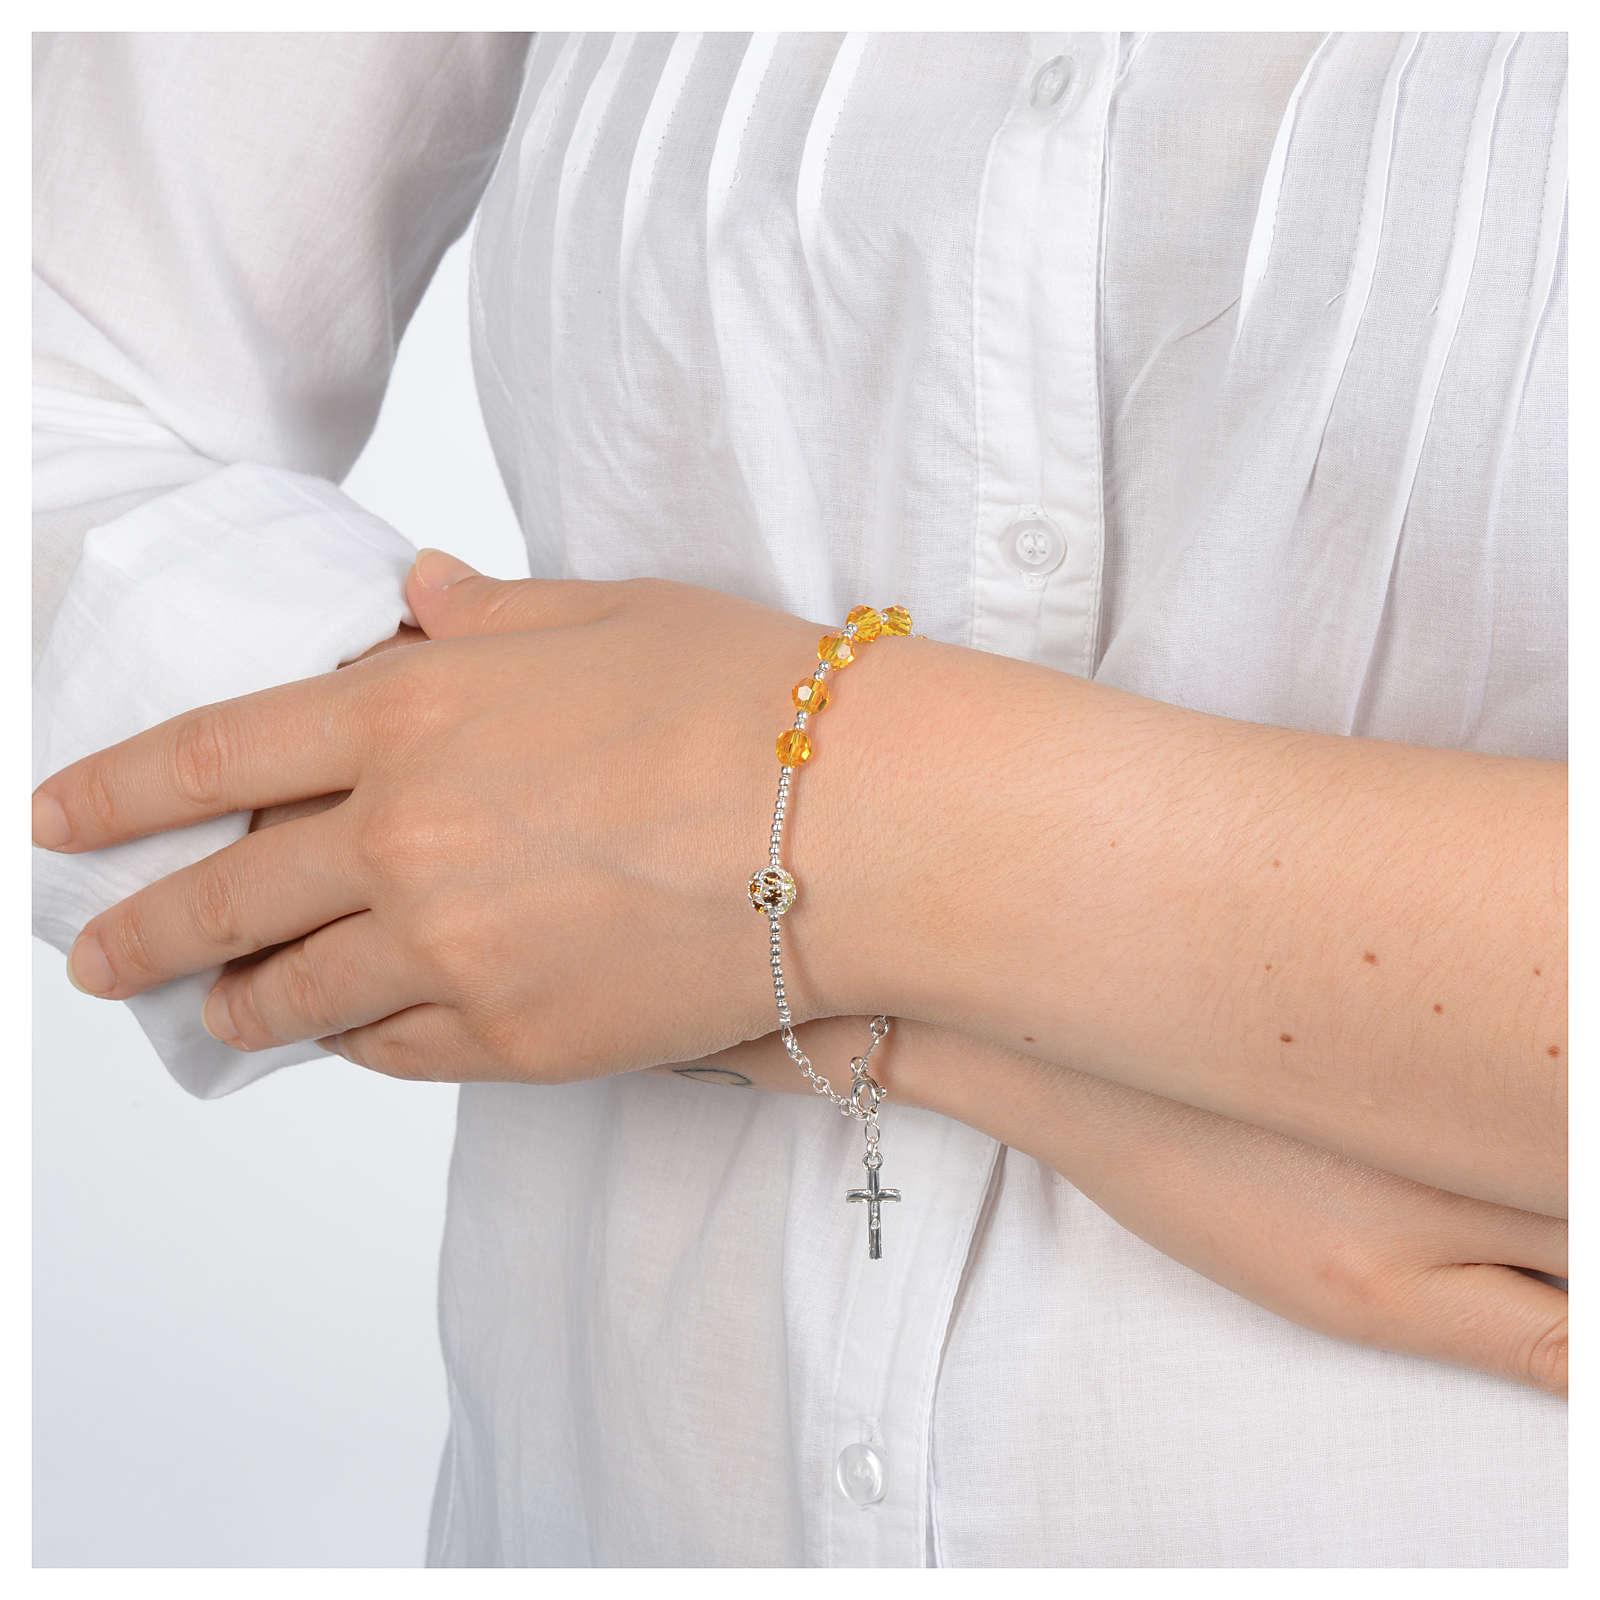 Zehner Armband Silber 925 gelbe Swarovski Perlen 4